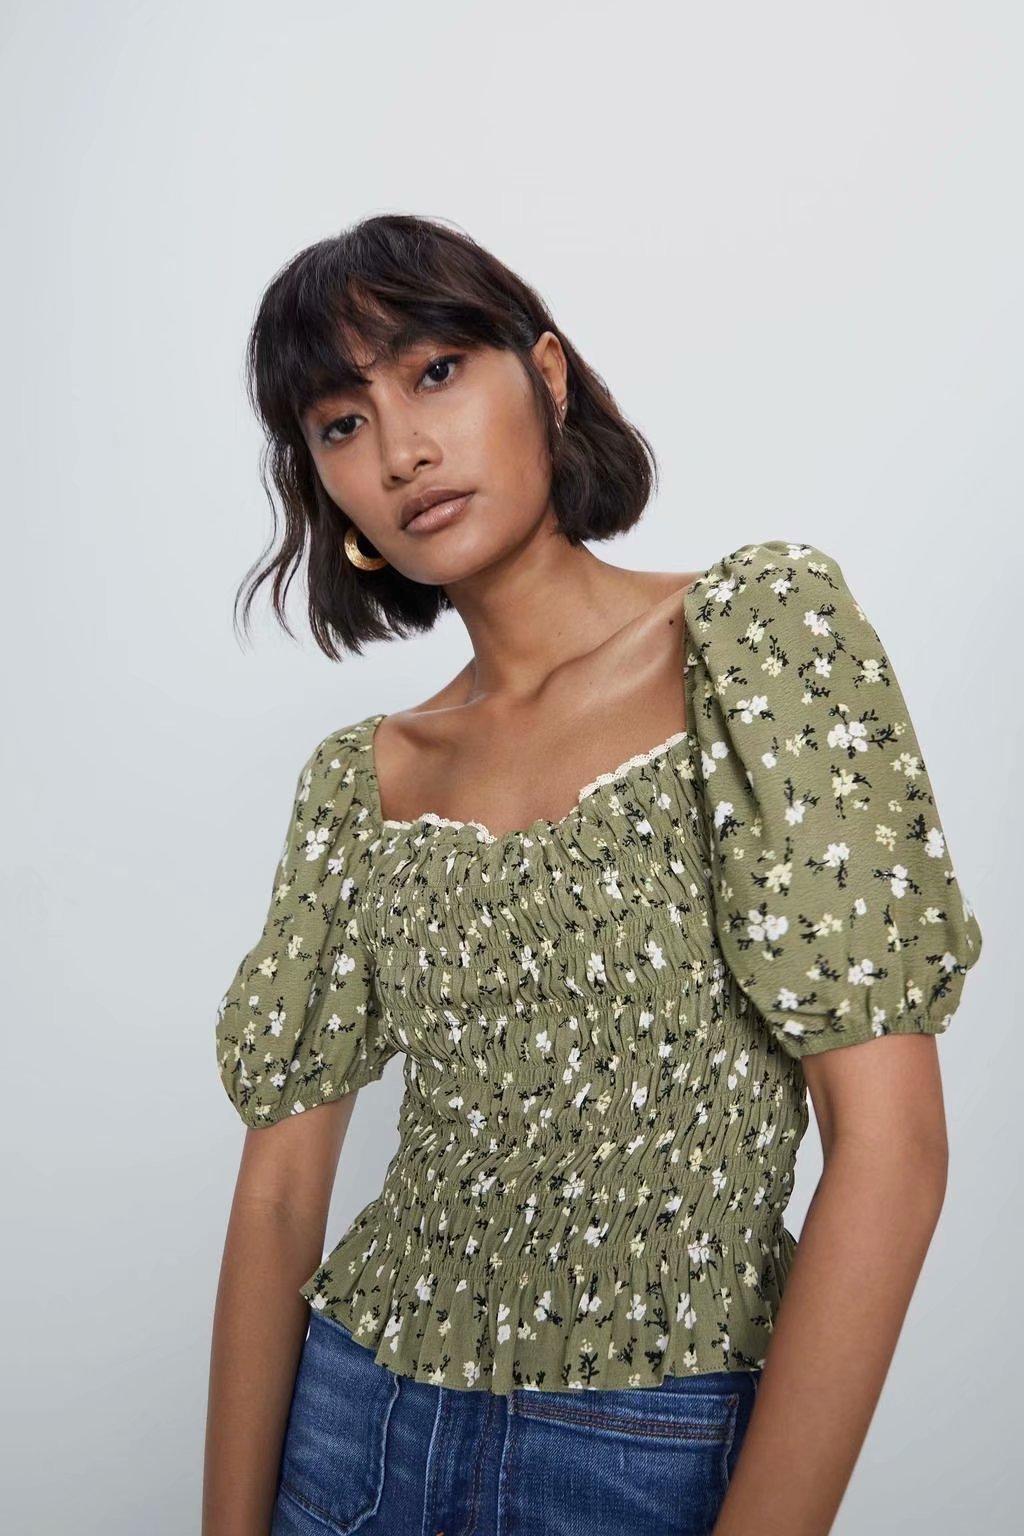 2020 New Spring Summer European Printed Short Slab Tops Zaraing Women Blouse Shrit Vadiming Sheining Female Shirt A9698